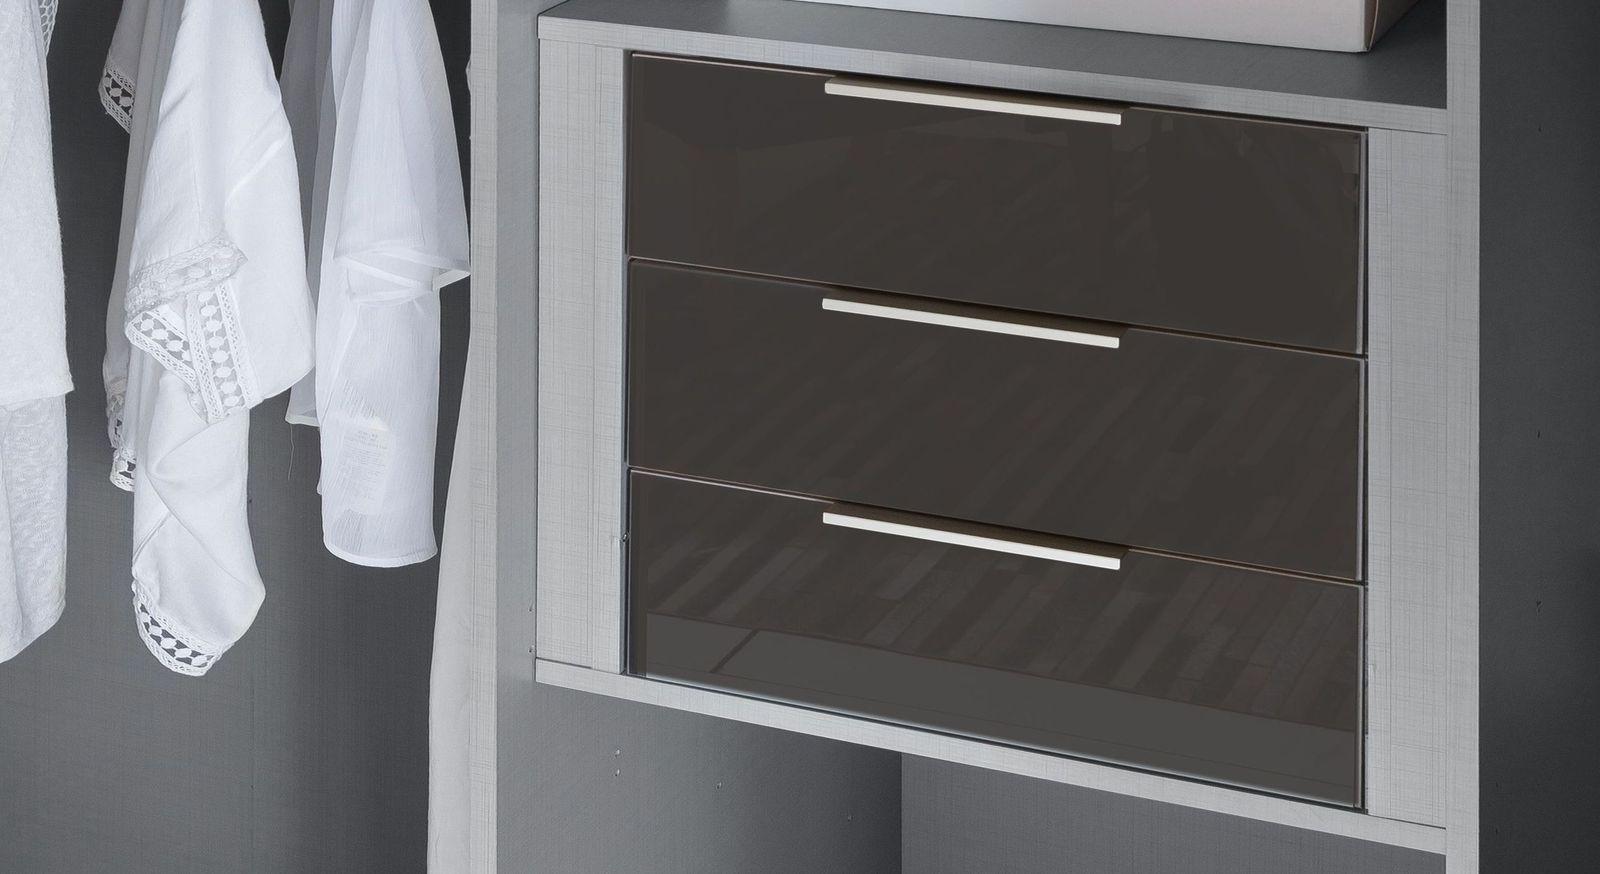 Schmaler Schubladen-Einsatz mit Glasfront als Zubehör und Beleuchtung für Kleiderschränke